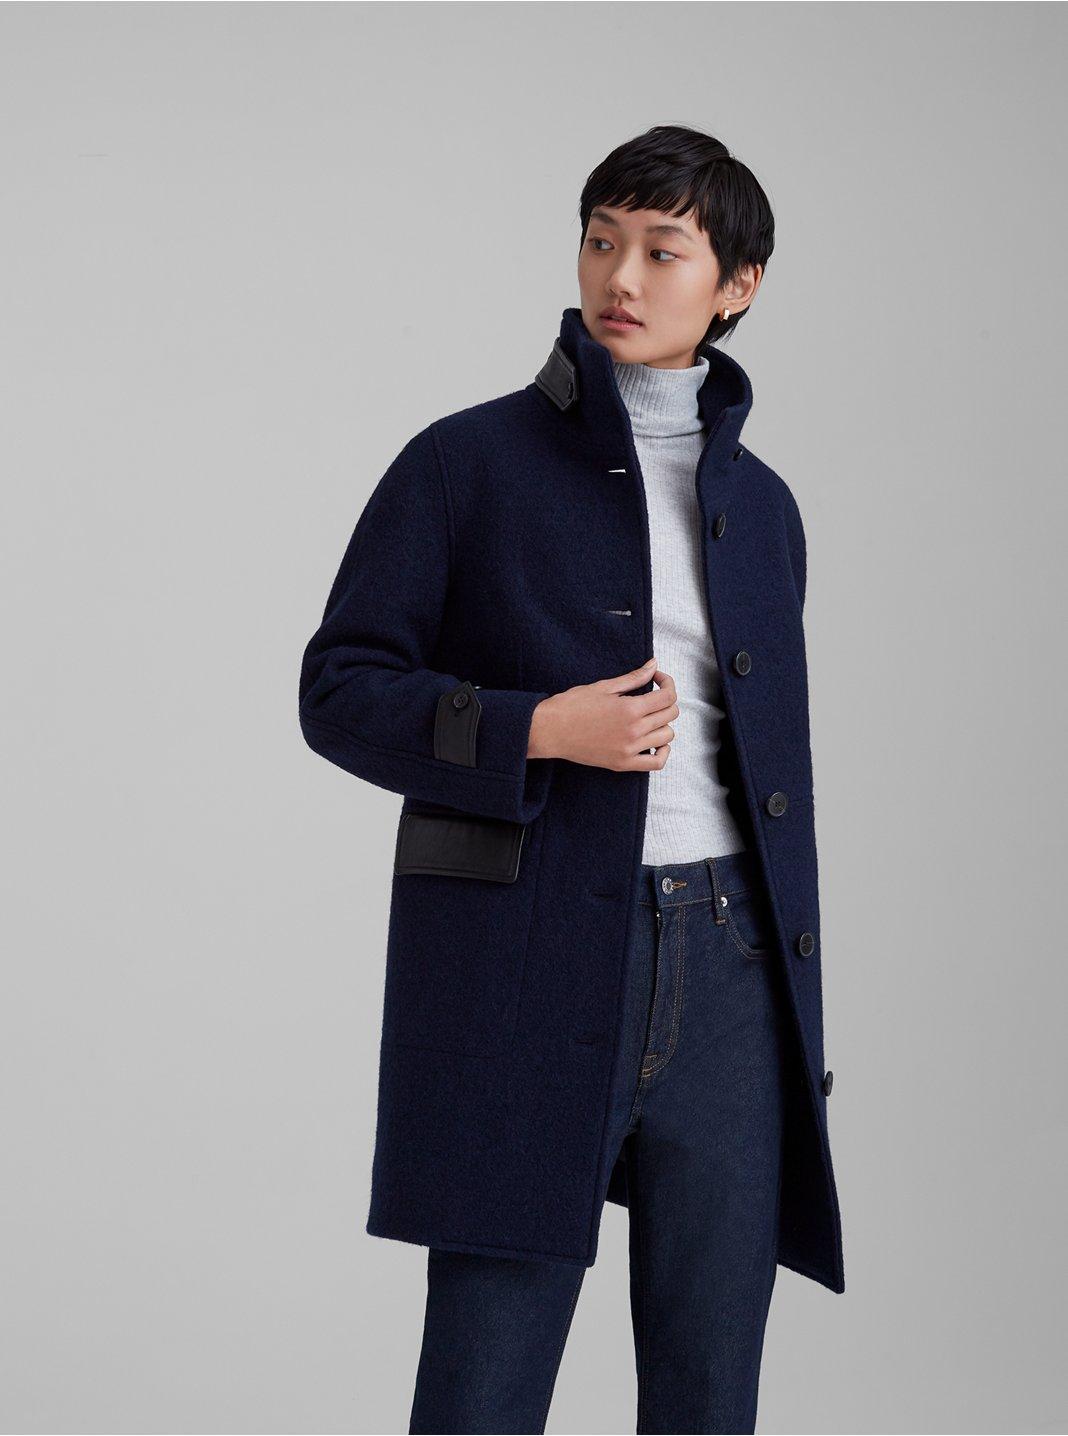 Manteau avec détails en cuir